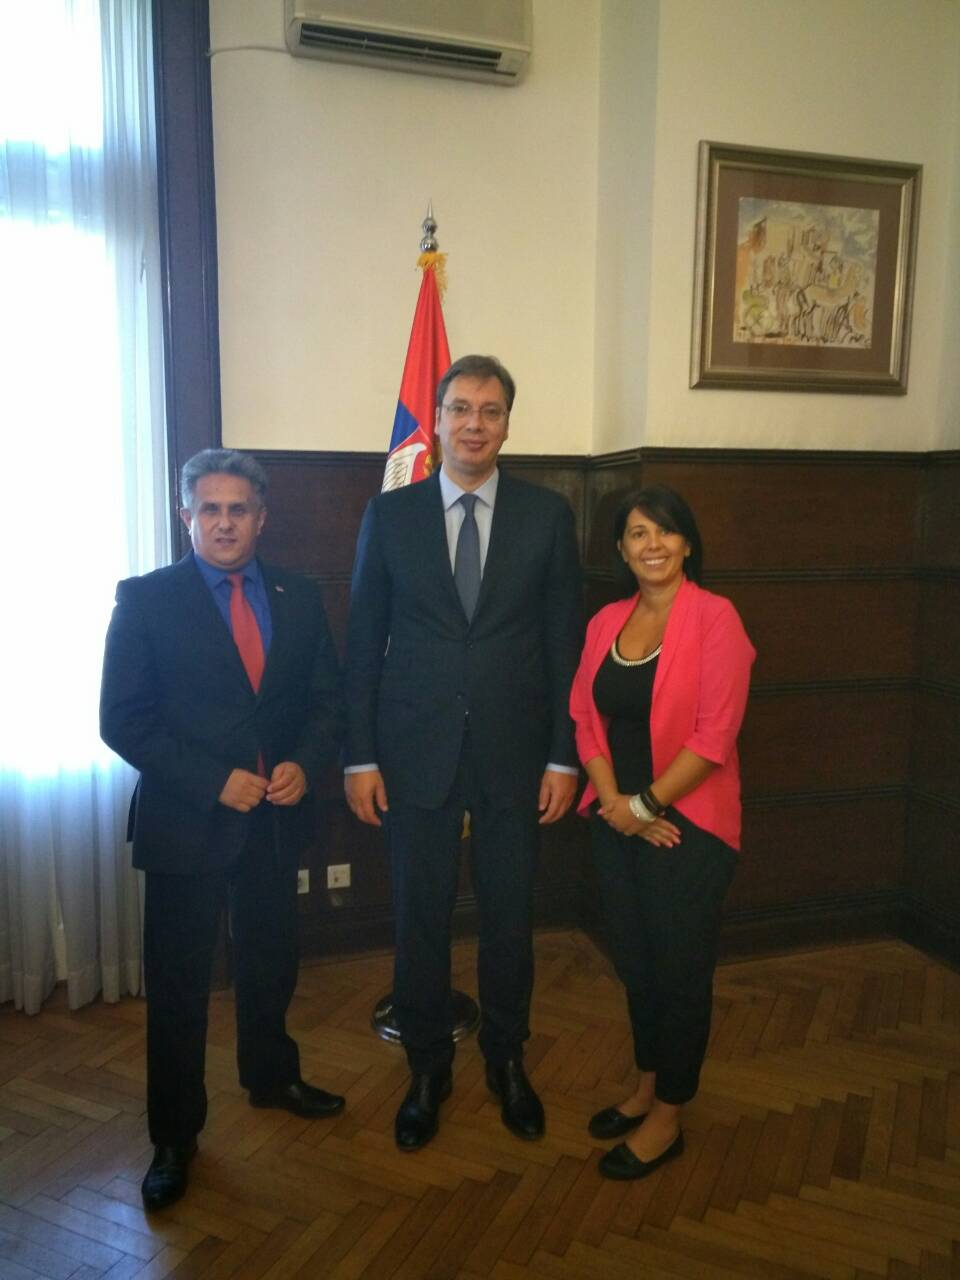 Miletić i Trifunovićeva razgovarali sa predsednikom Vučićem o razvoju Svrljiga